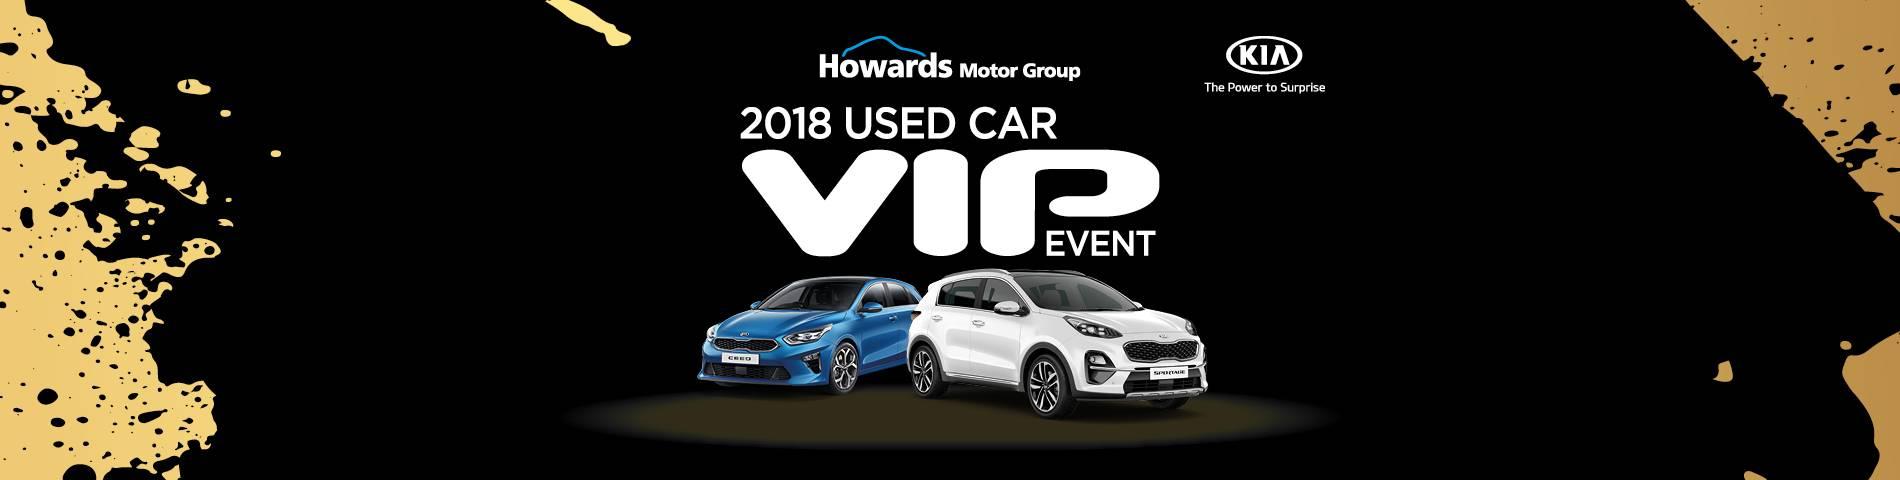 Kia VIP Event Banner